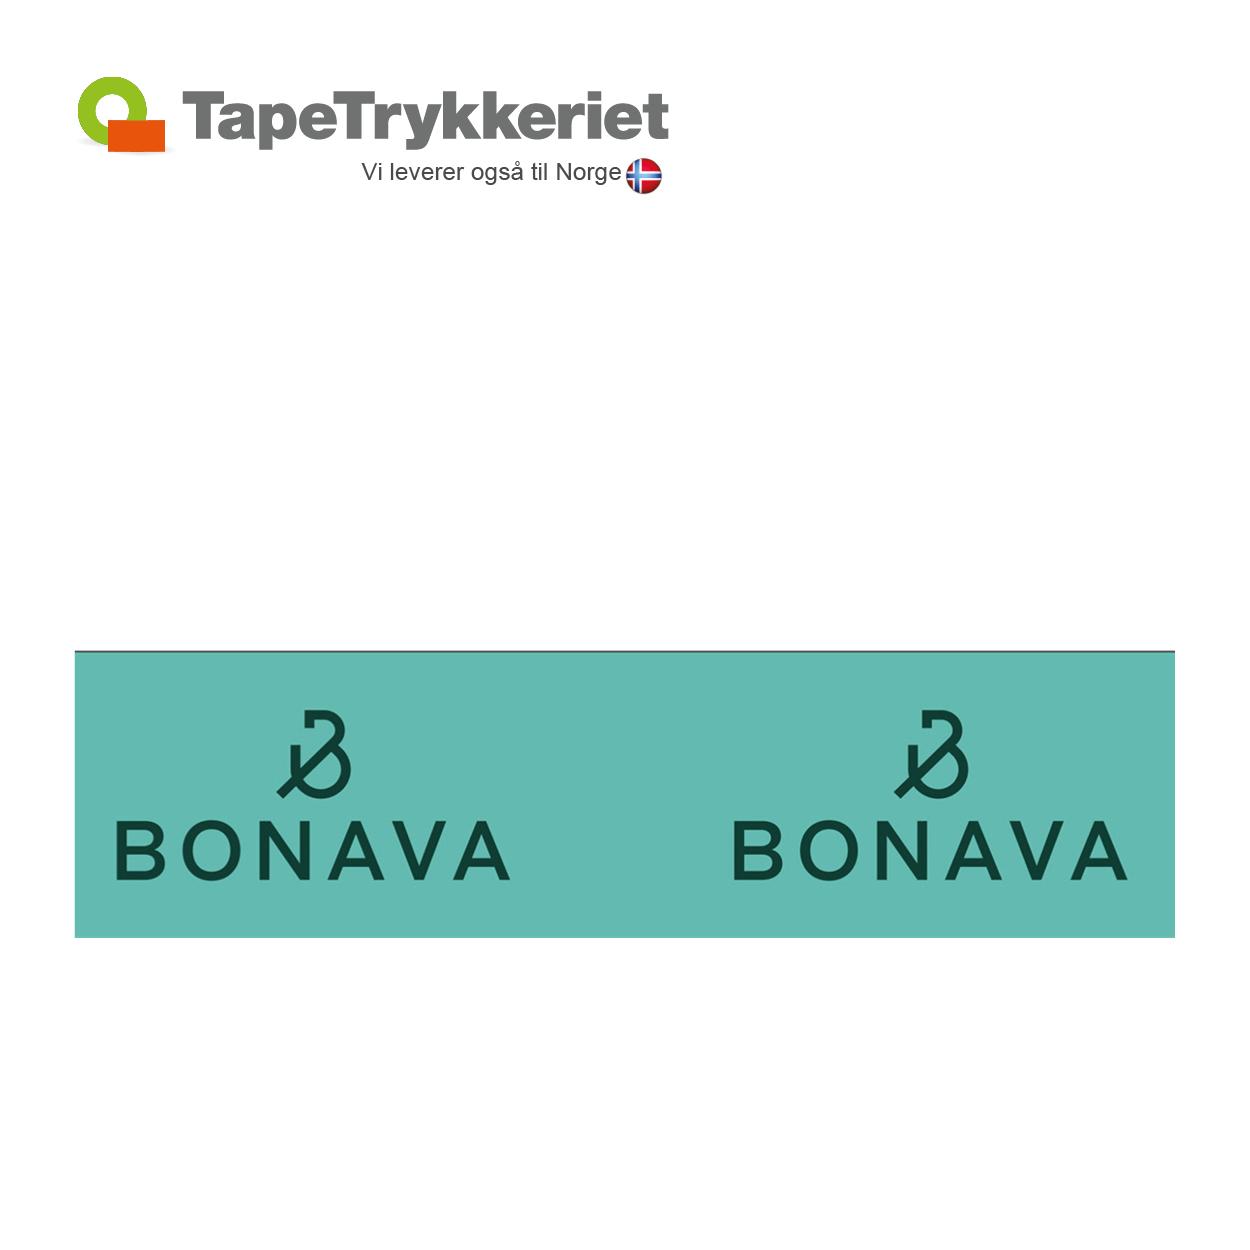 Trykfarve ovenpå bundfarve. TapeTrykkeriet.dk